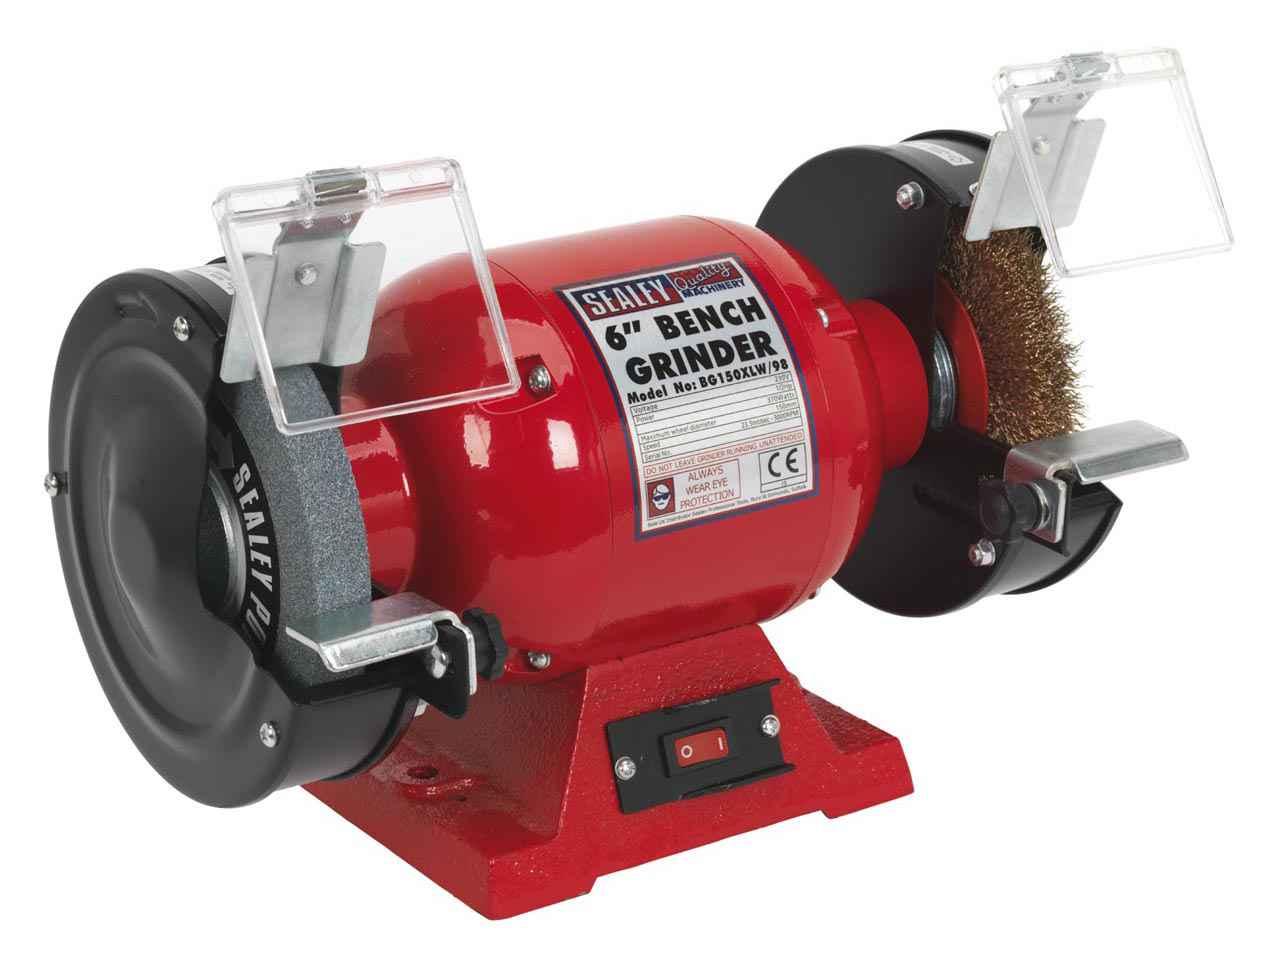 Metabo Ds200 2 240v 600w 200mm Bench Grinder